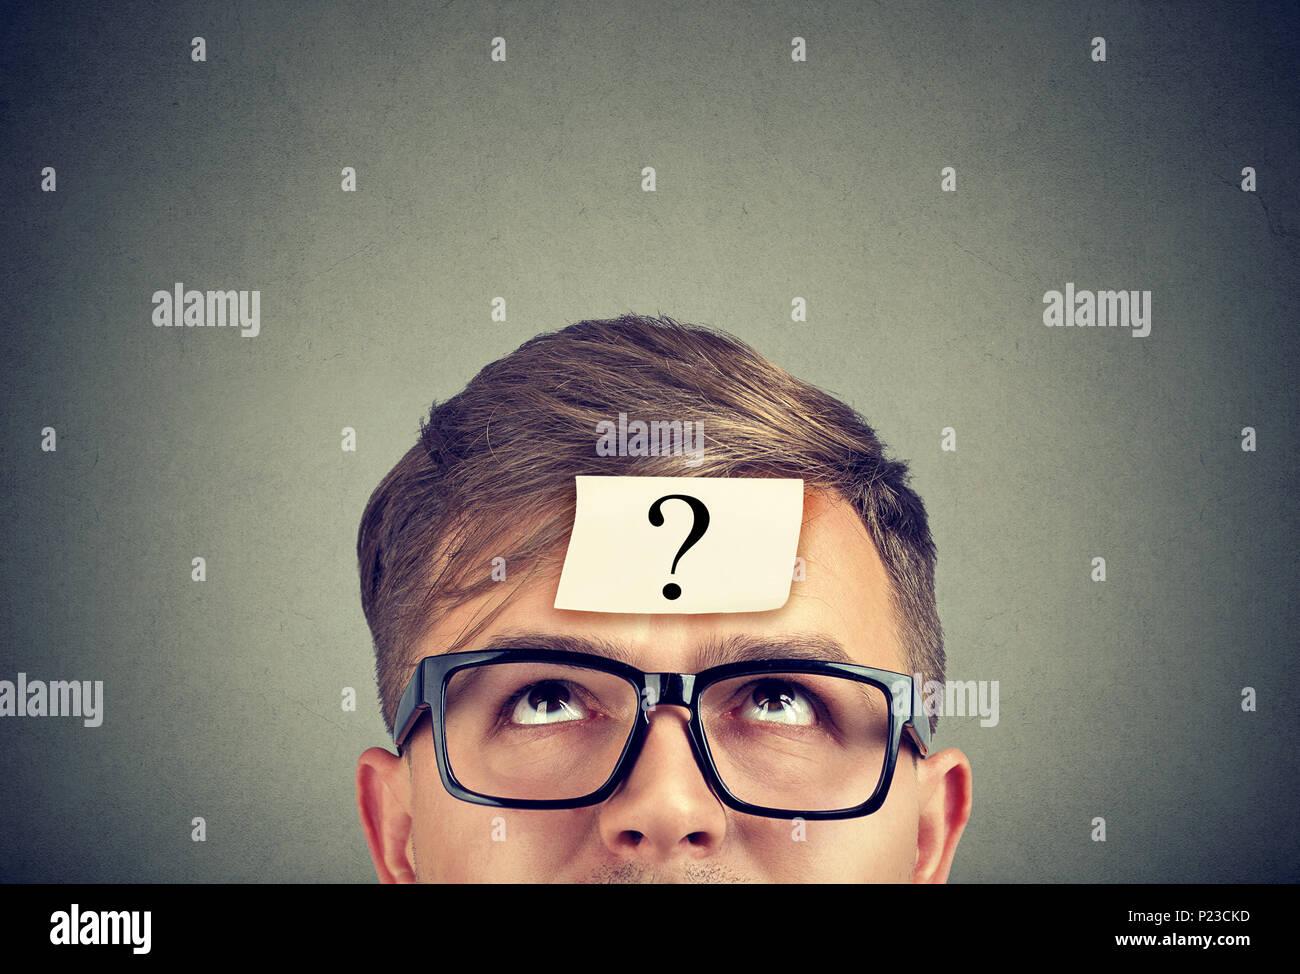 Junger Mann mit schwarzen Gläsern mit Fragezeichen auf der Stirn. Stockbild